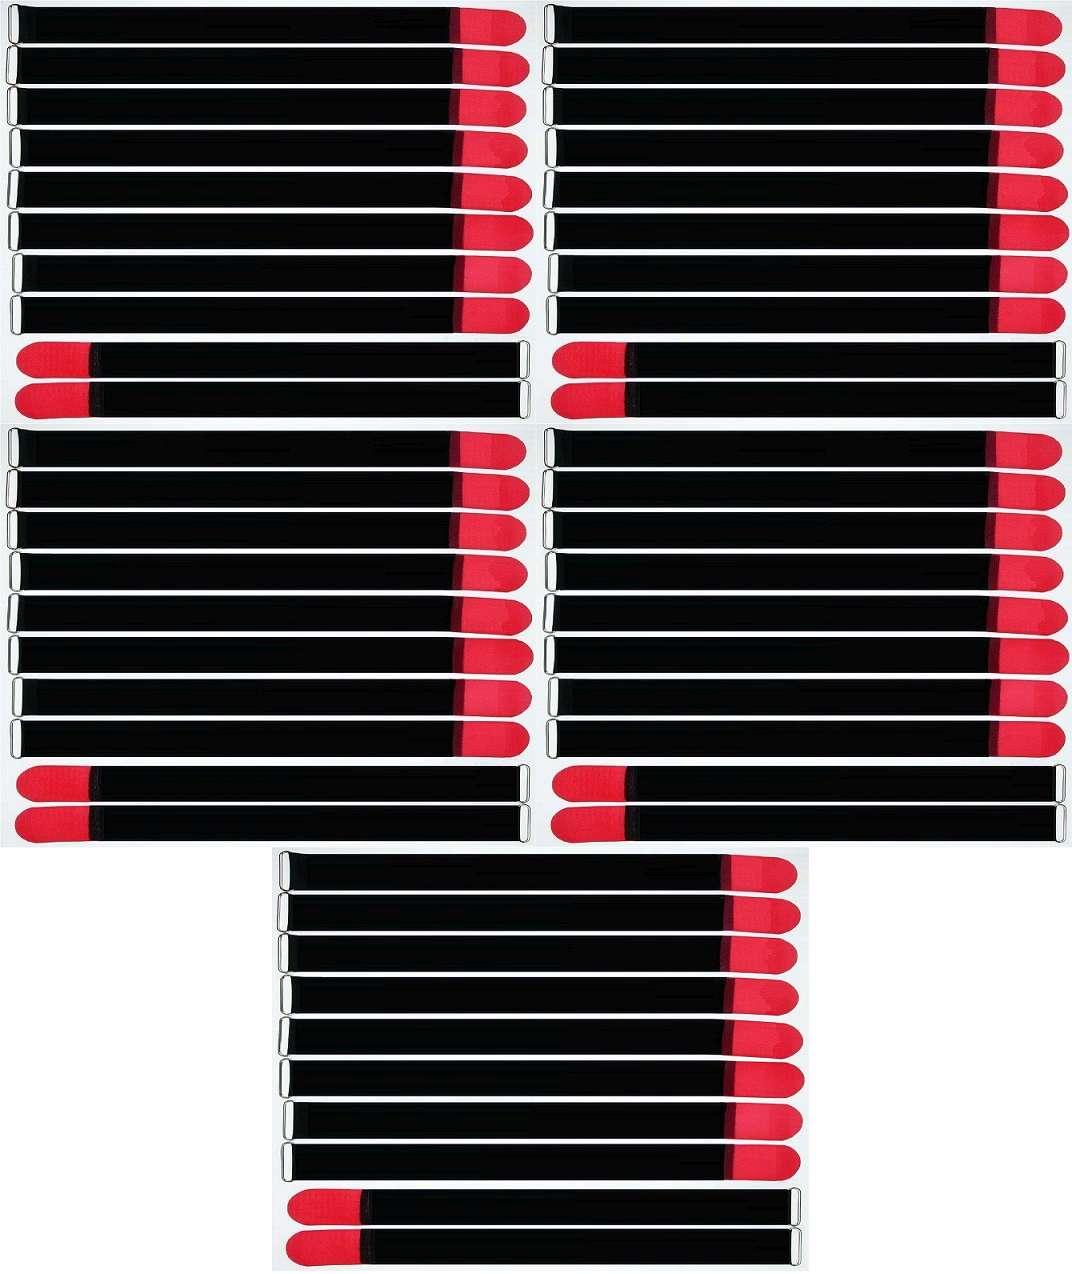 10 Klettkabelbinder 300 x 20 mm neonpink Klett Kabelbinder Klettband Kabelklett